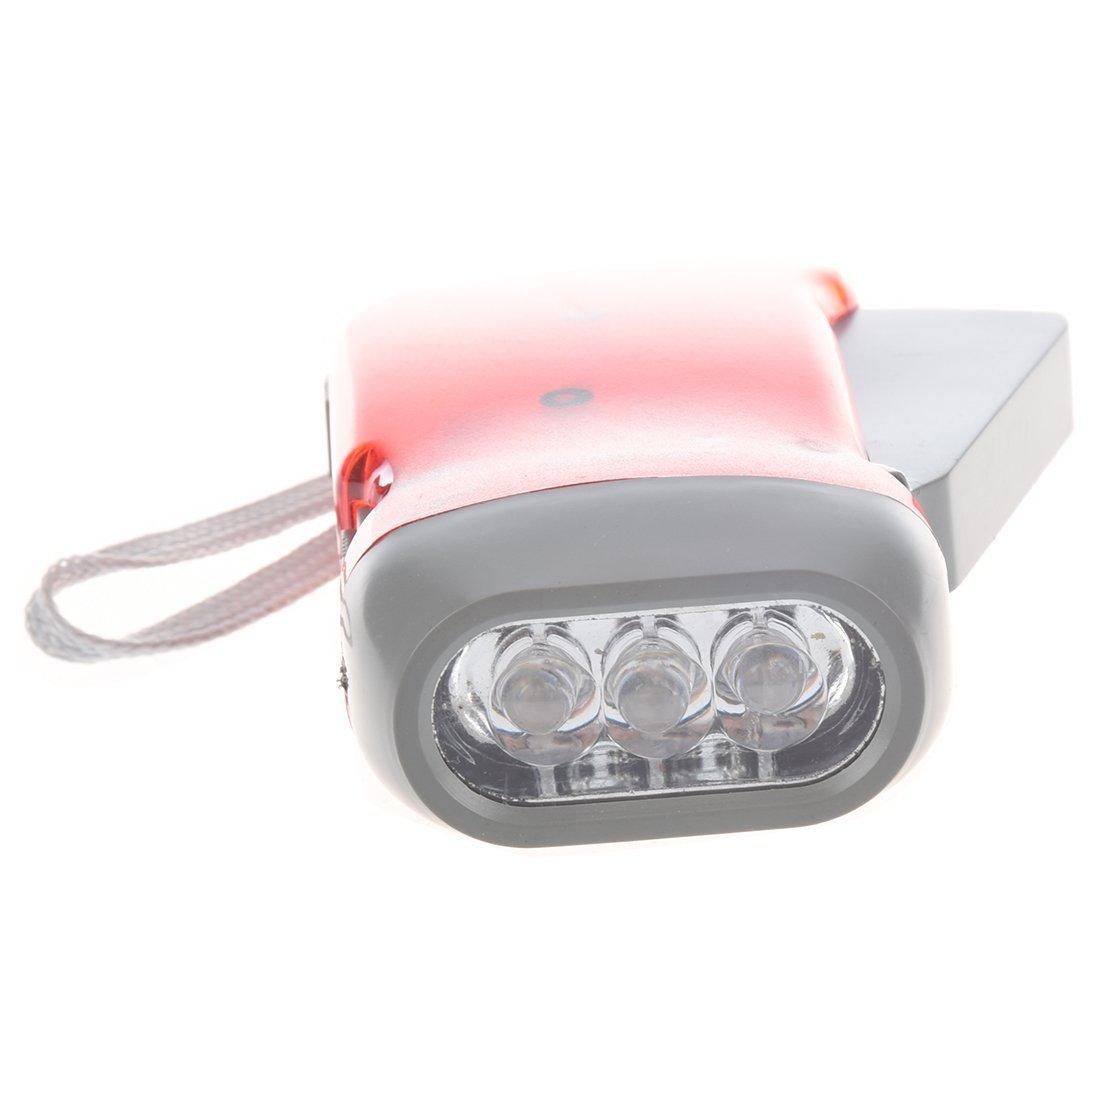 Linterna 3 LED No Bateria con Manivela para Campamento Exterior Rojo TOOGOO R